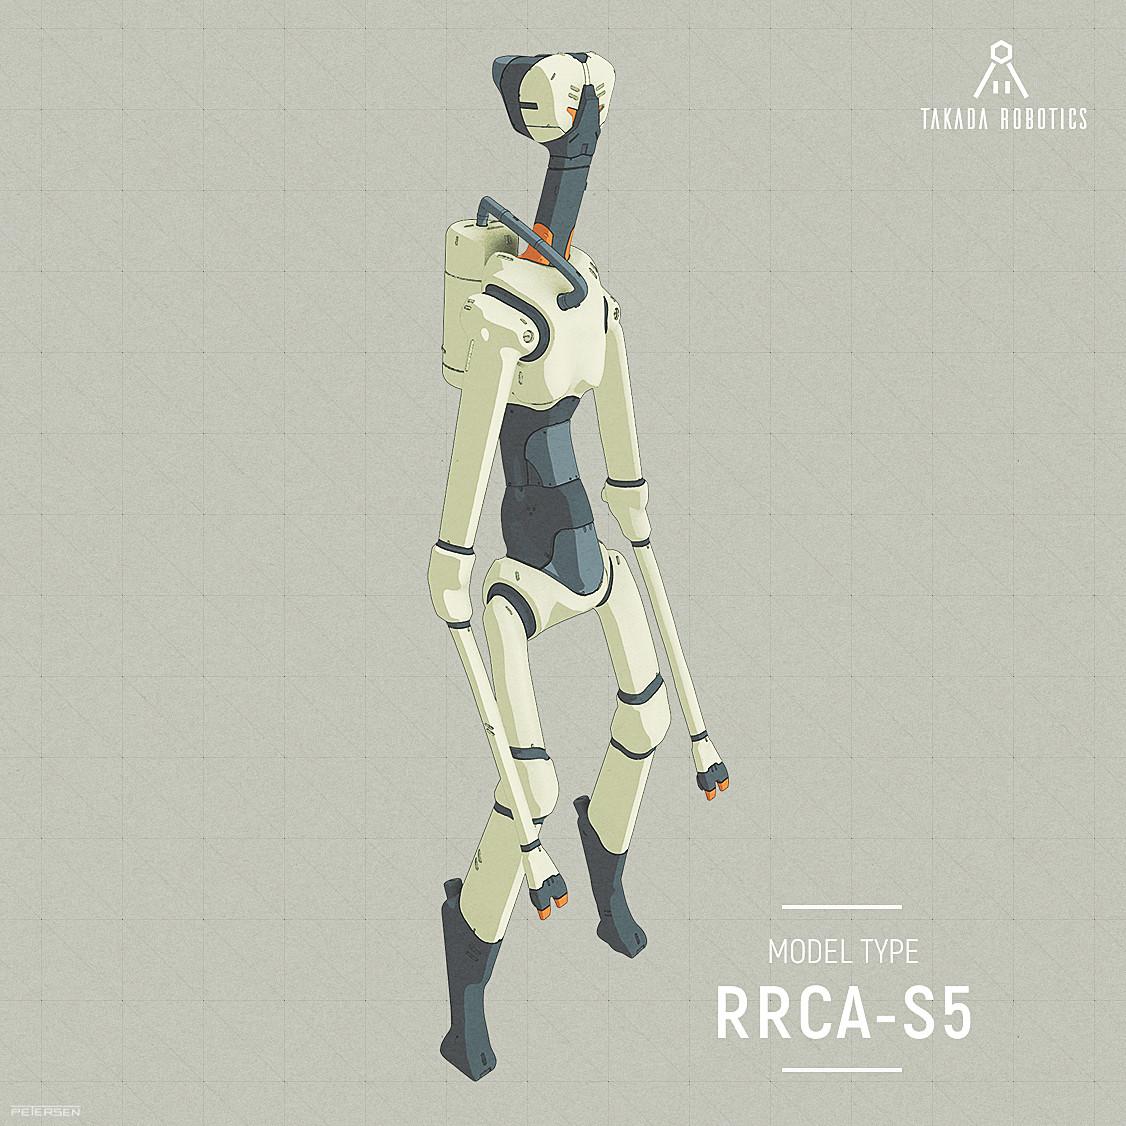 The RRCA-S5